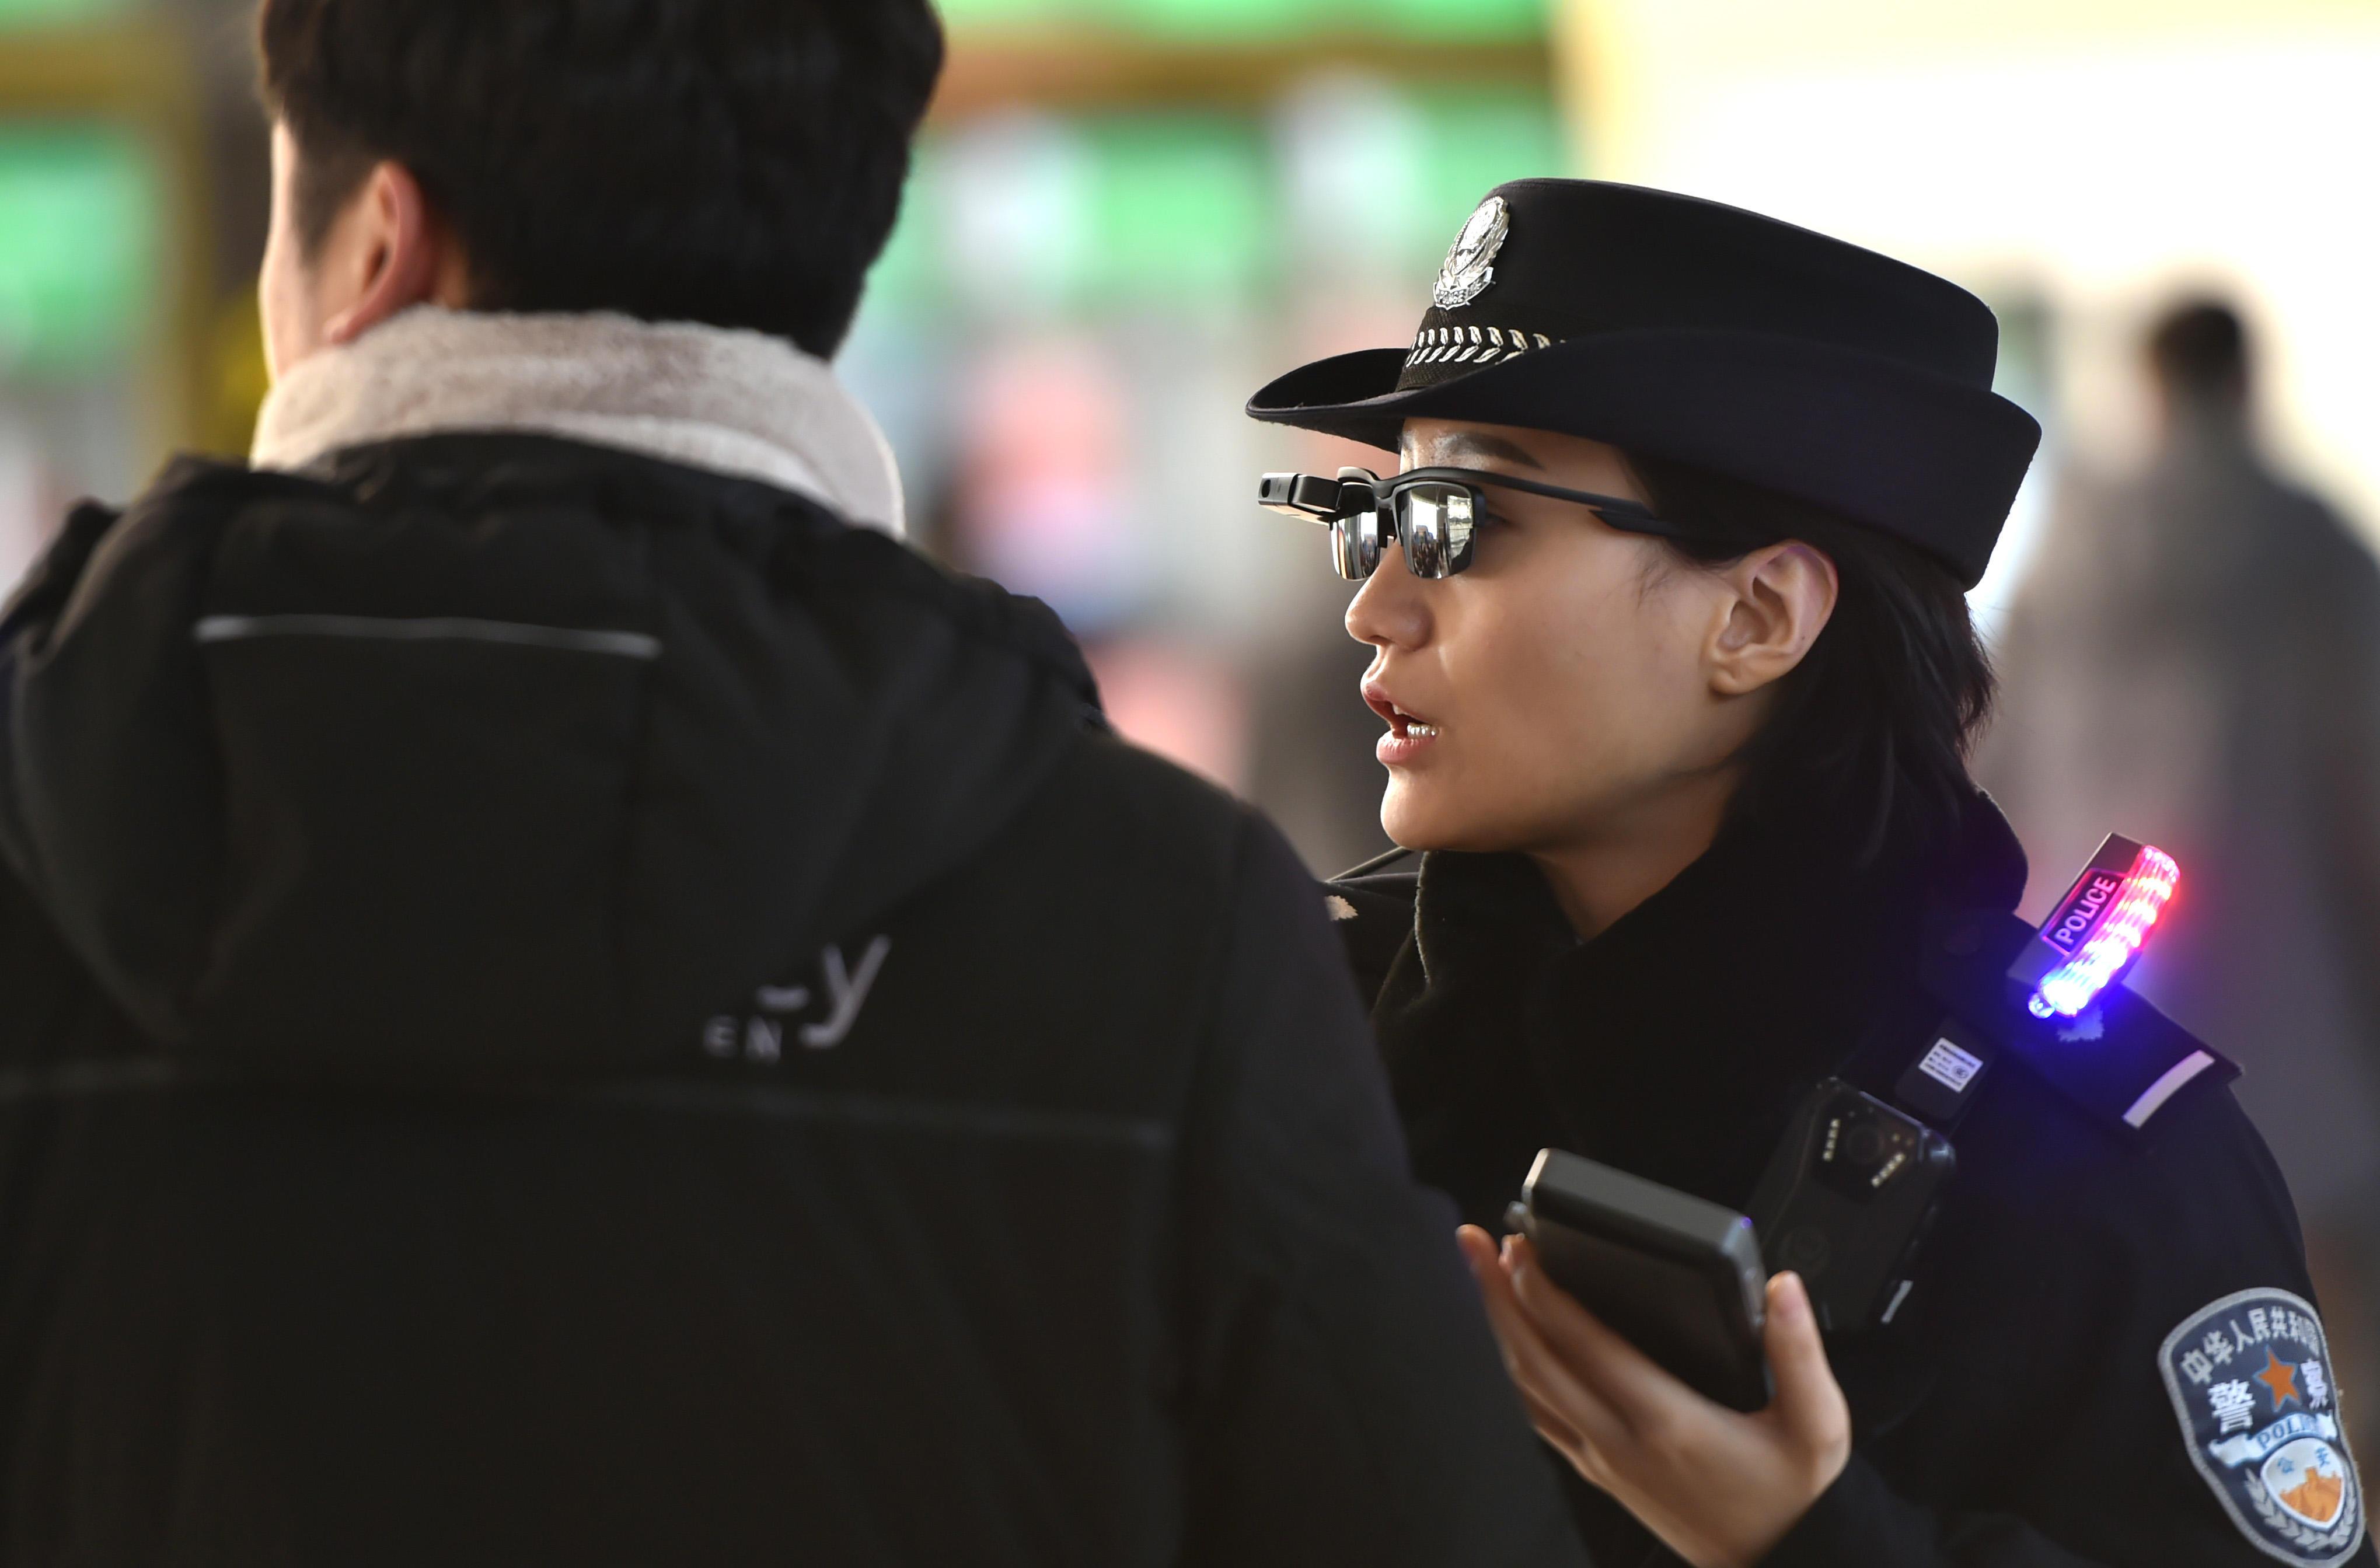 0  4  - الشرطة تستخدم نظارات تتعرف على وجه الأشخاص